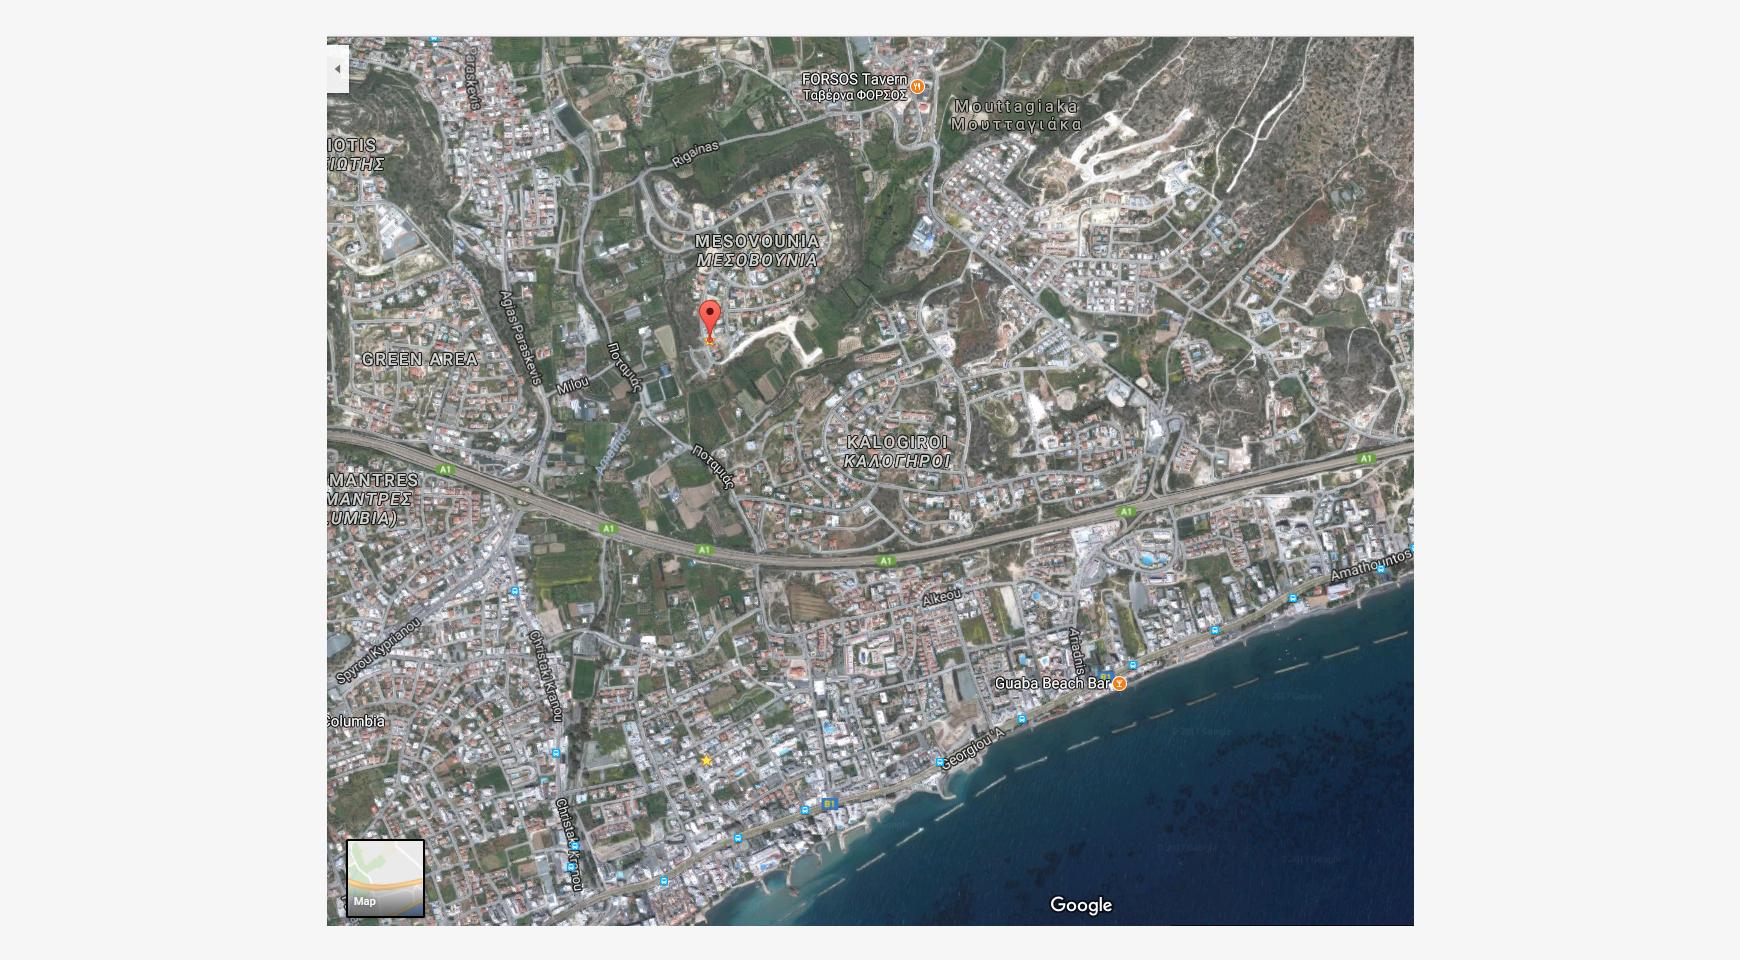 2 Строительных Участка с Видом на Море в Районе Mesovounia - 3